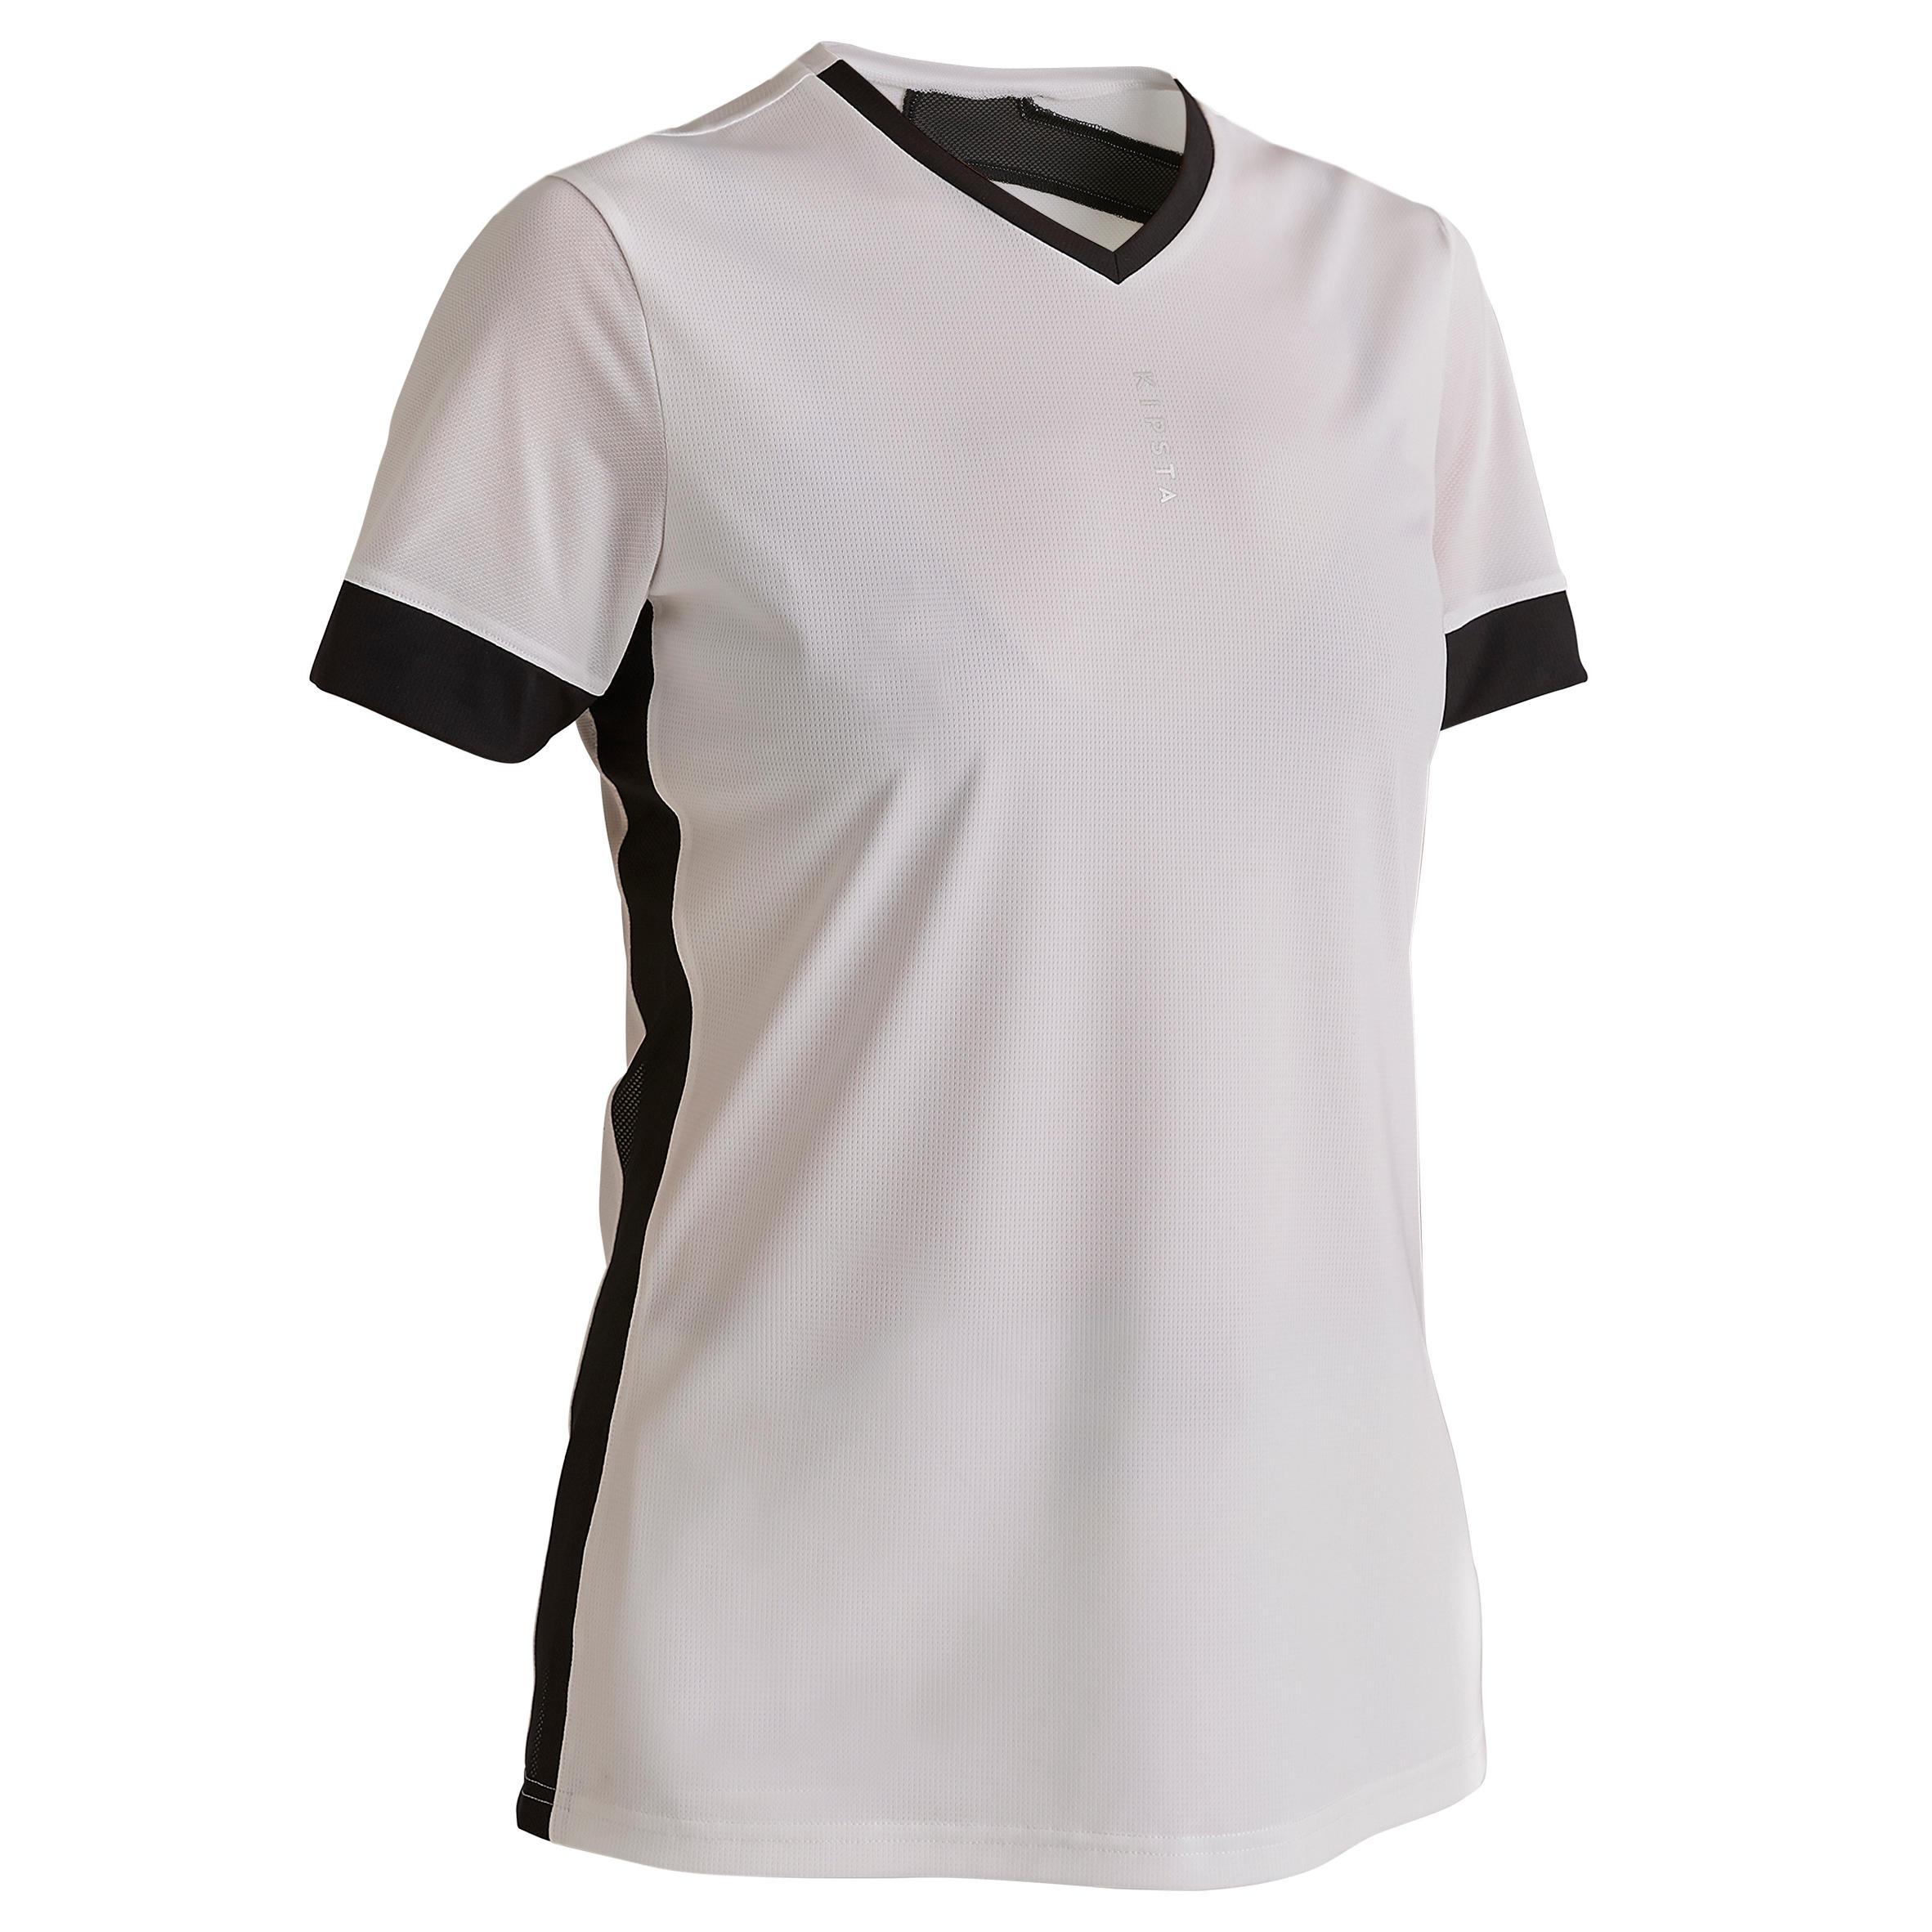 19251e5a13 Comprar Camisetas de Fútbol para Adultos y Niños